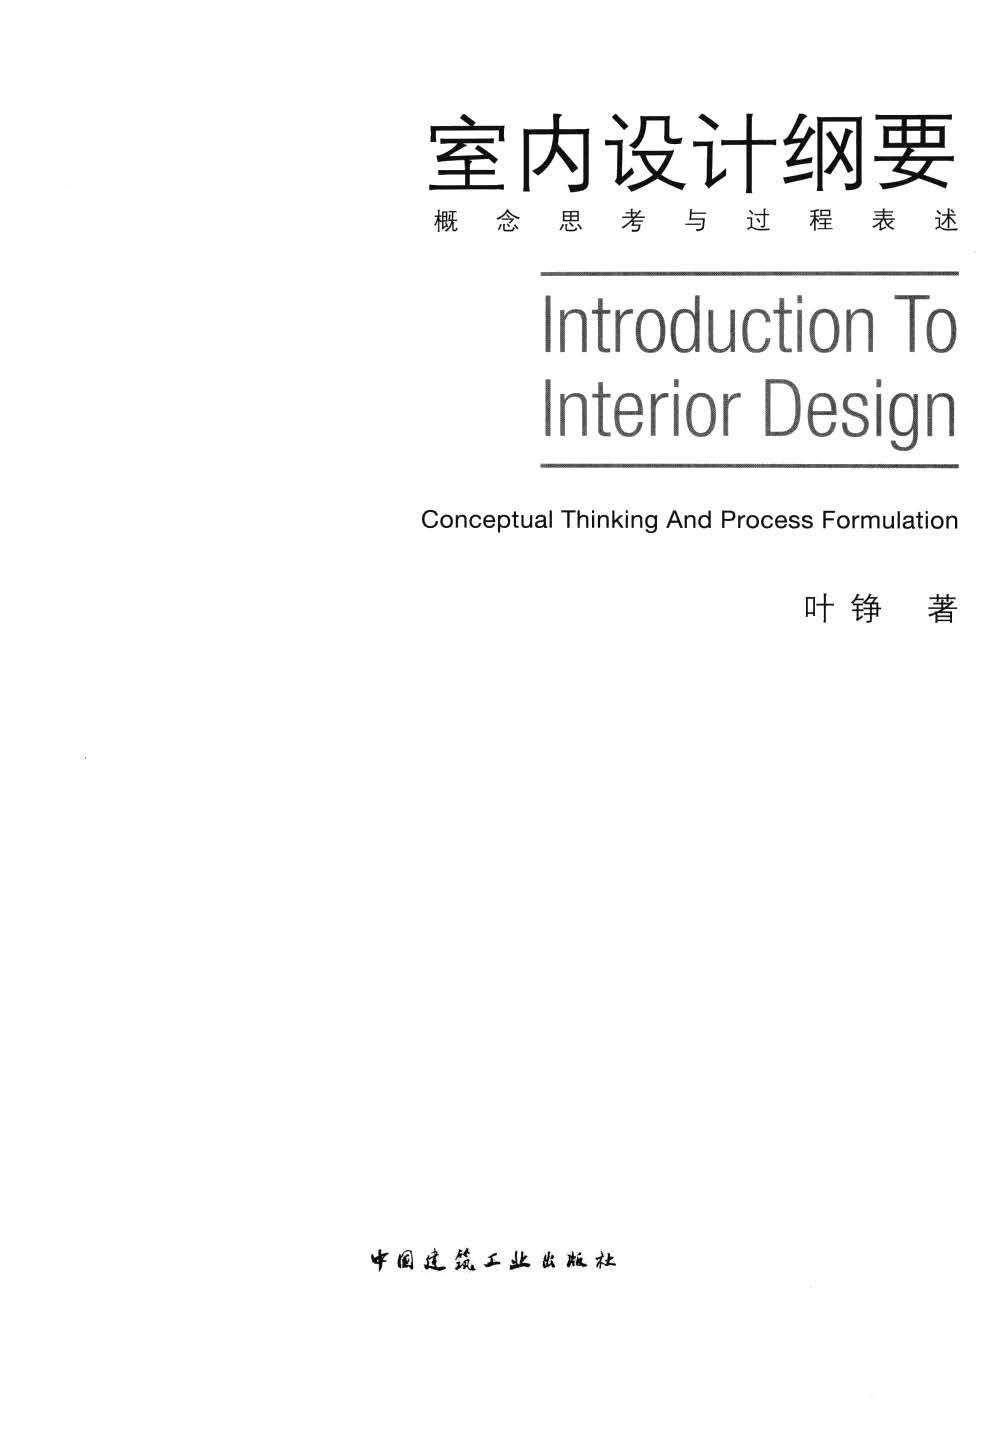 室内设计纲要++概念思考与过程表达_室内设计纲要  概念思考与过程表达_1297982..._页面_003.jpg